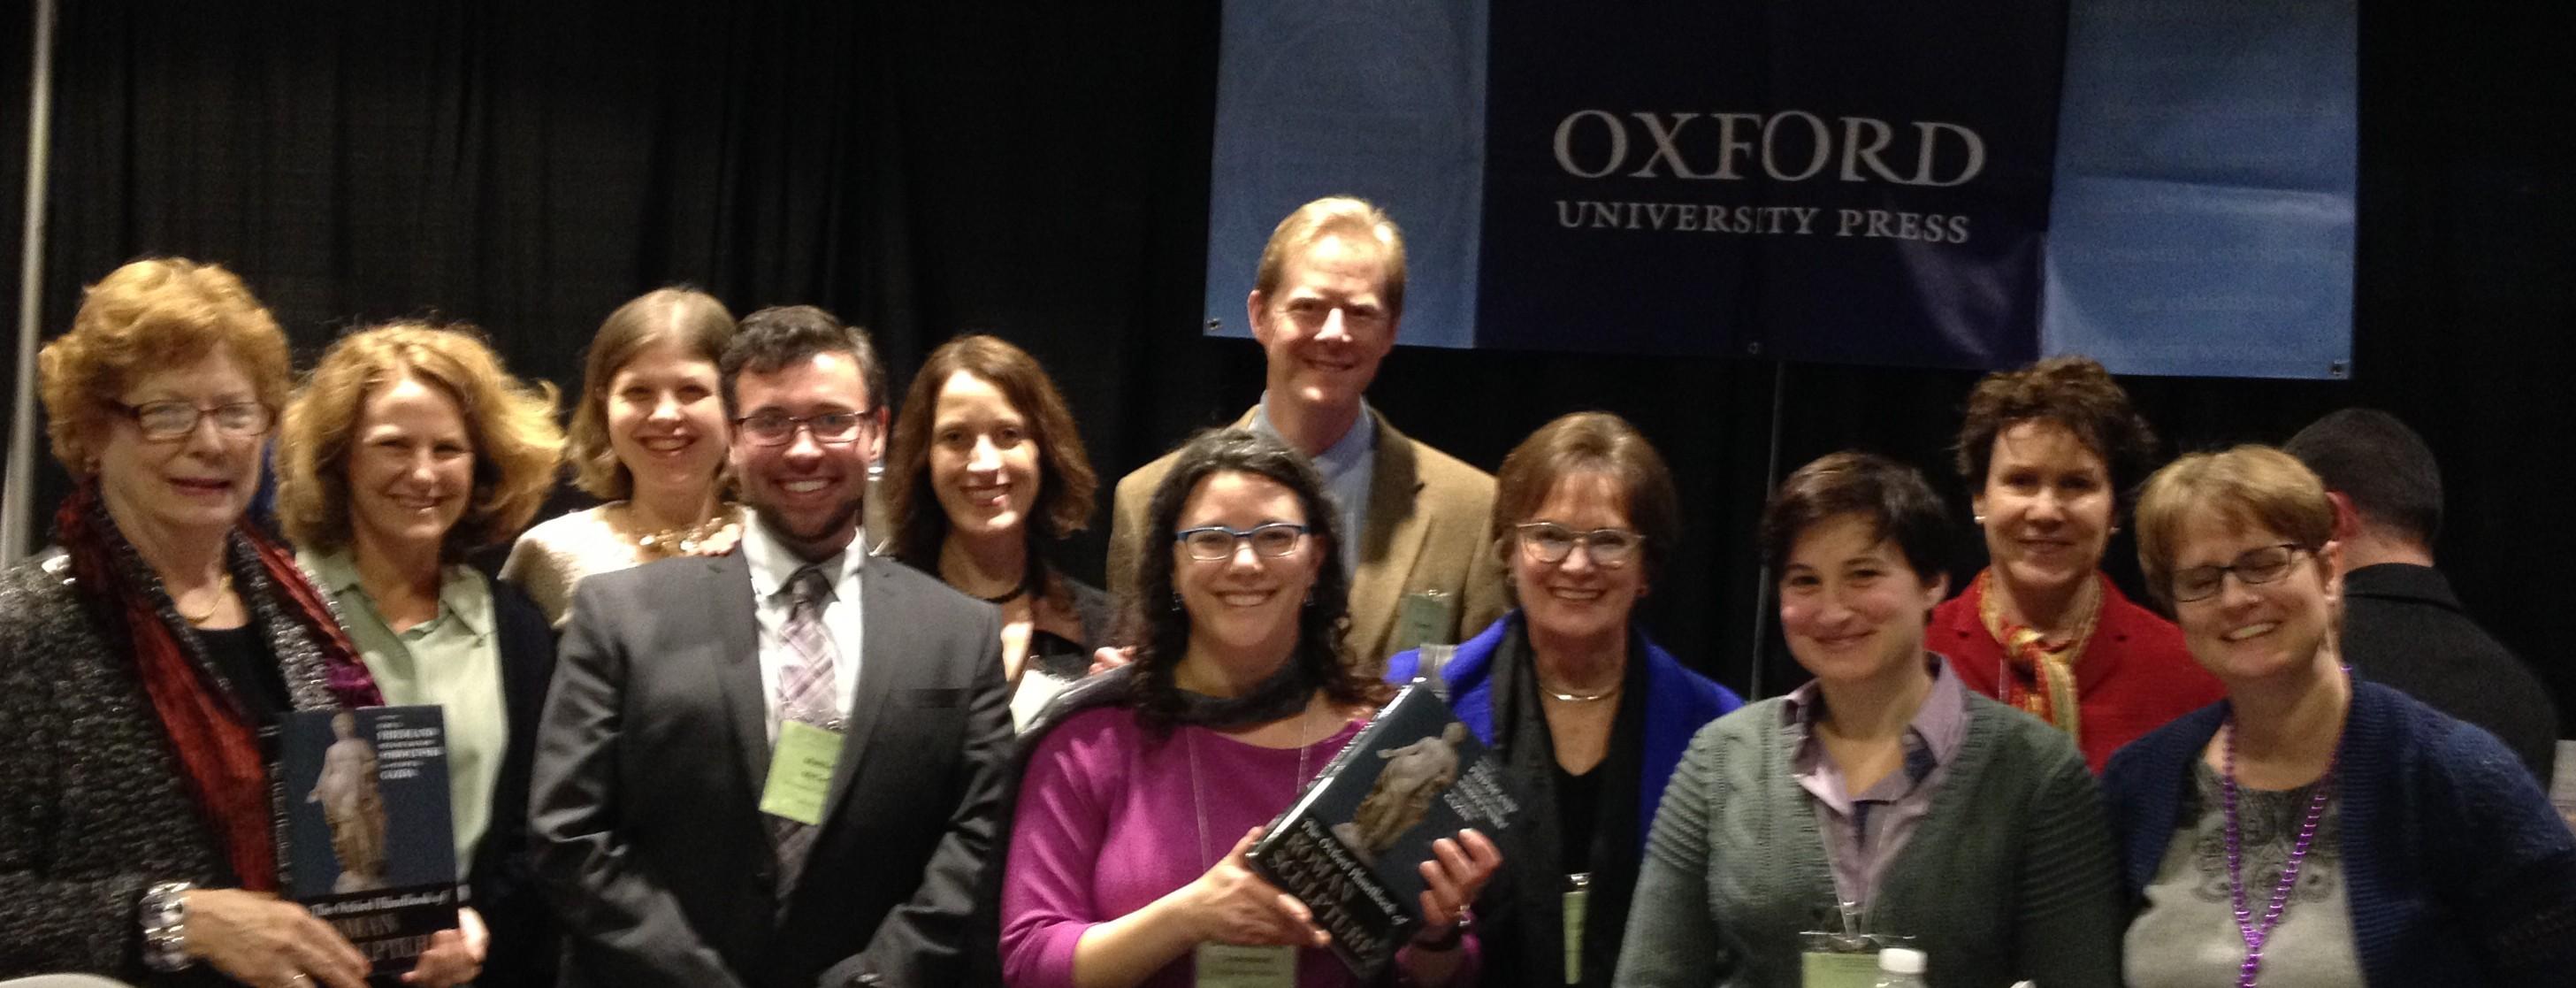 OHRS contributors photo